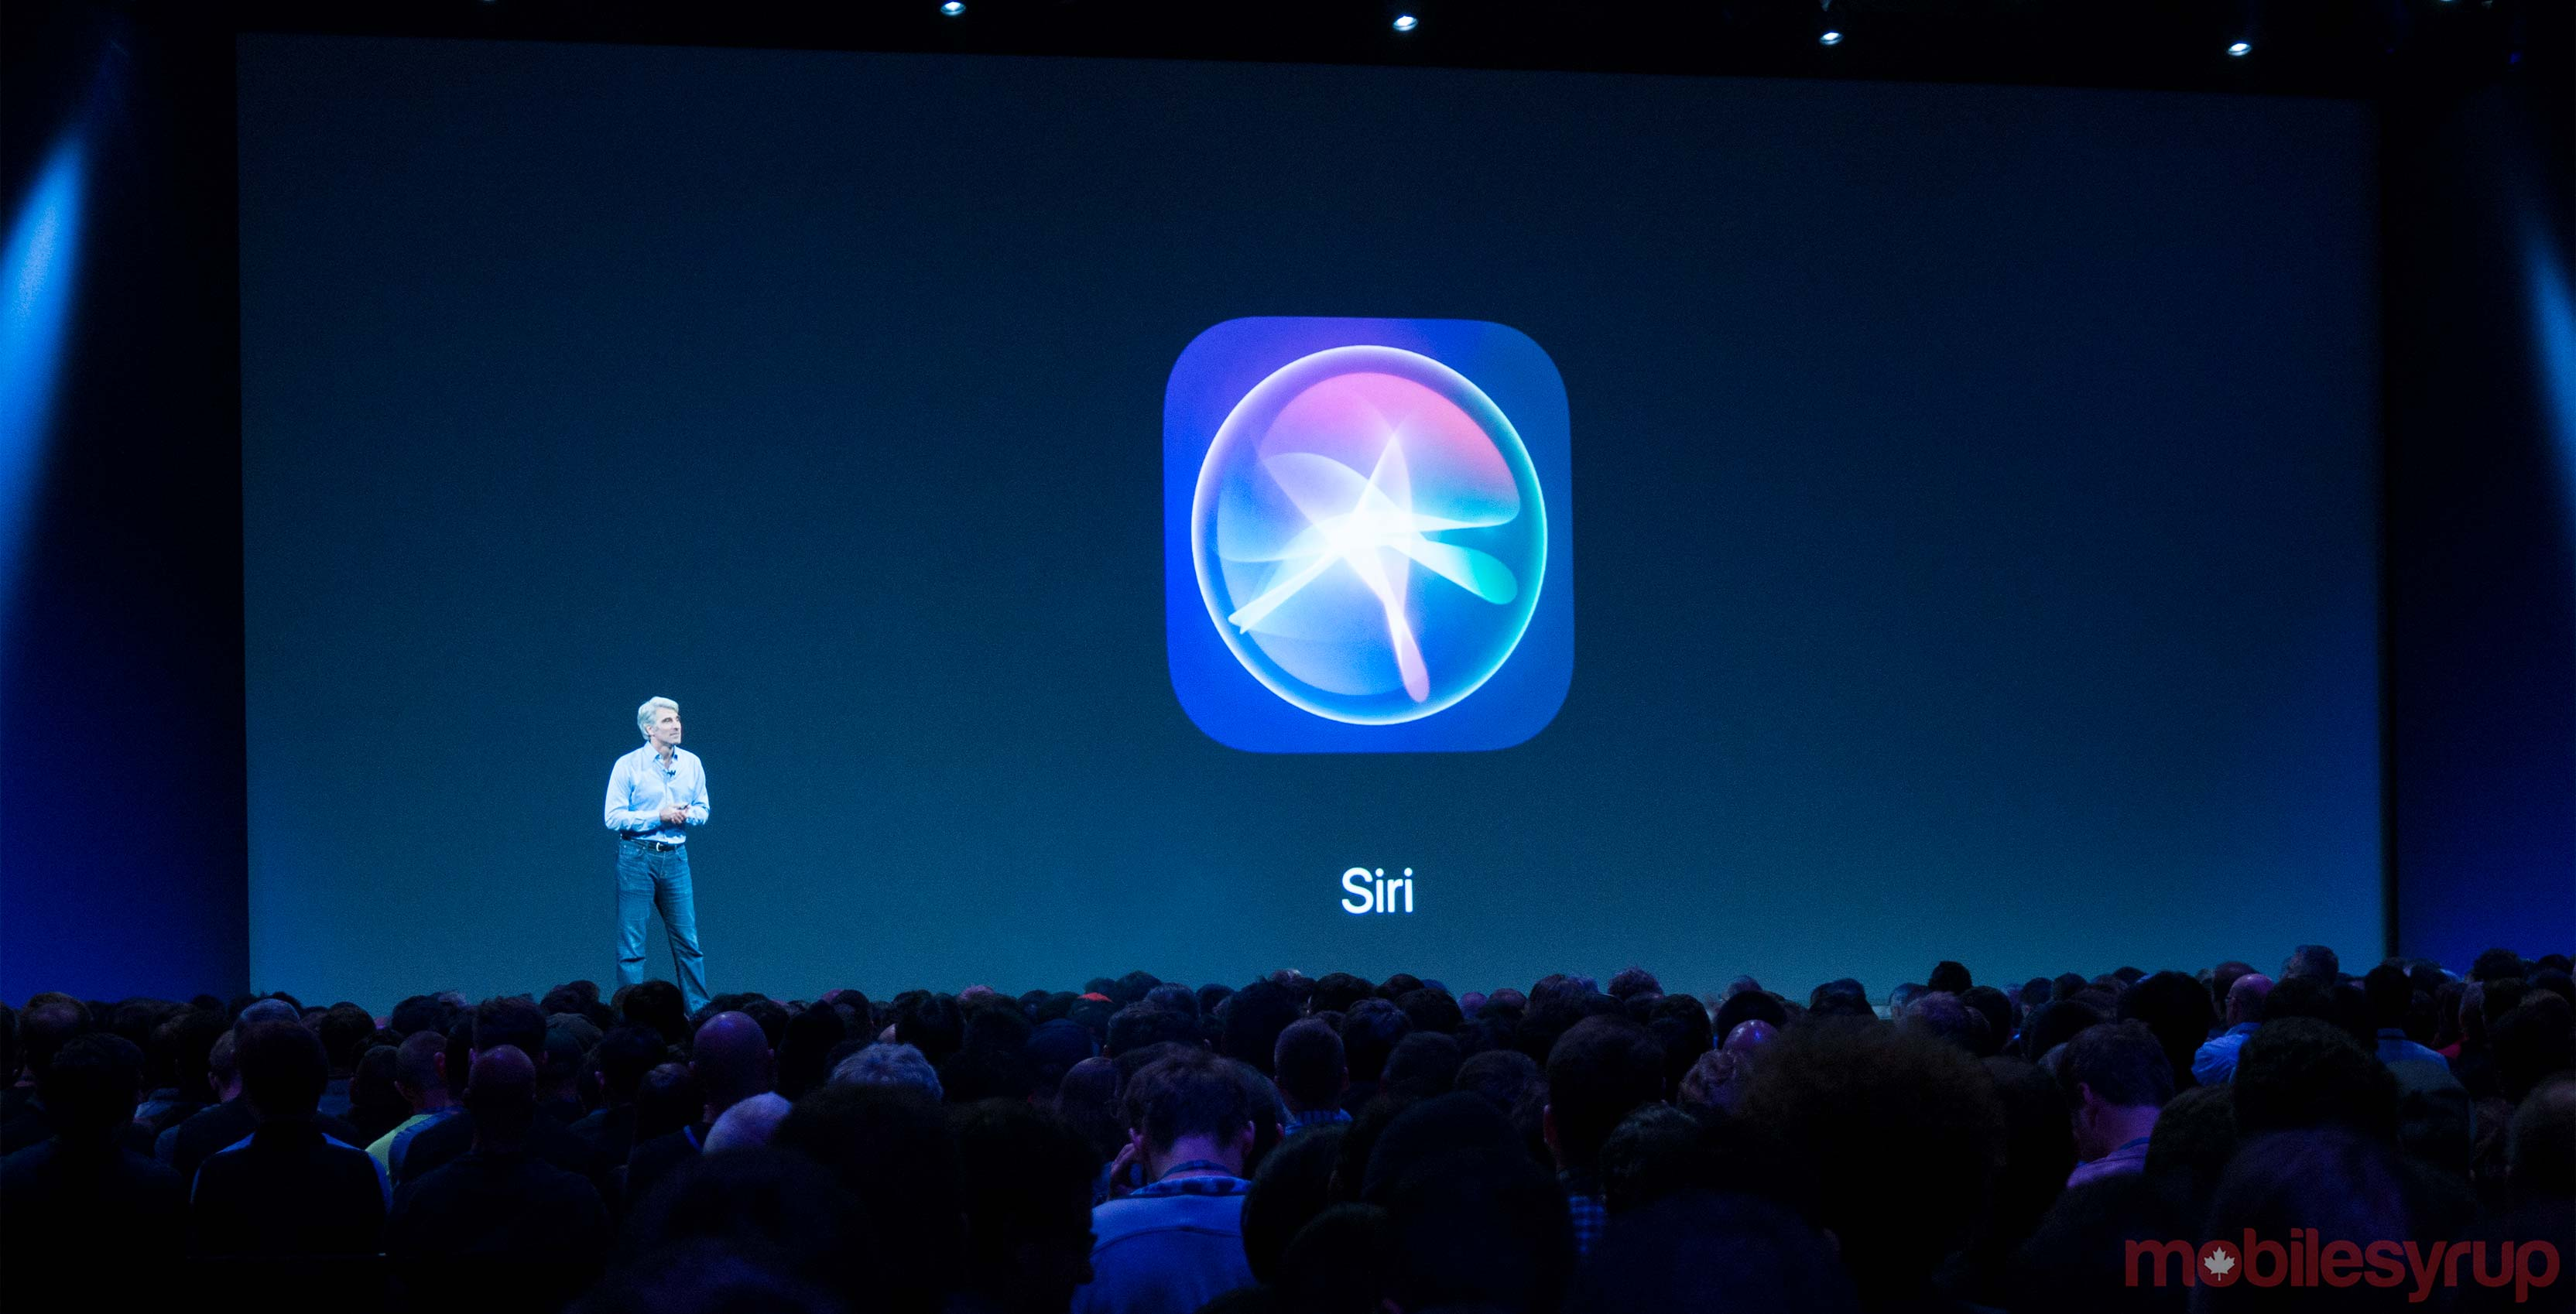 Siri at iOS conference